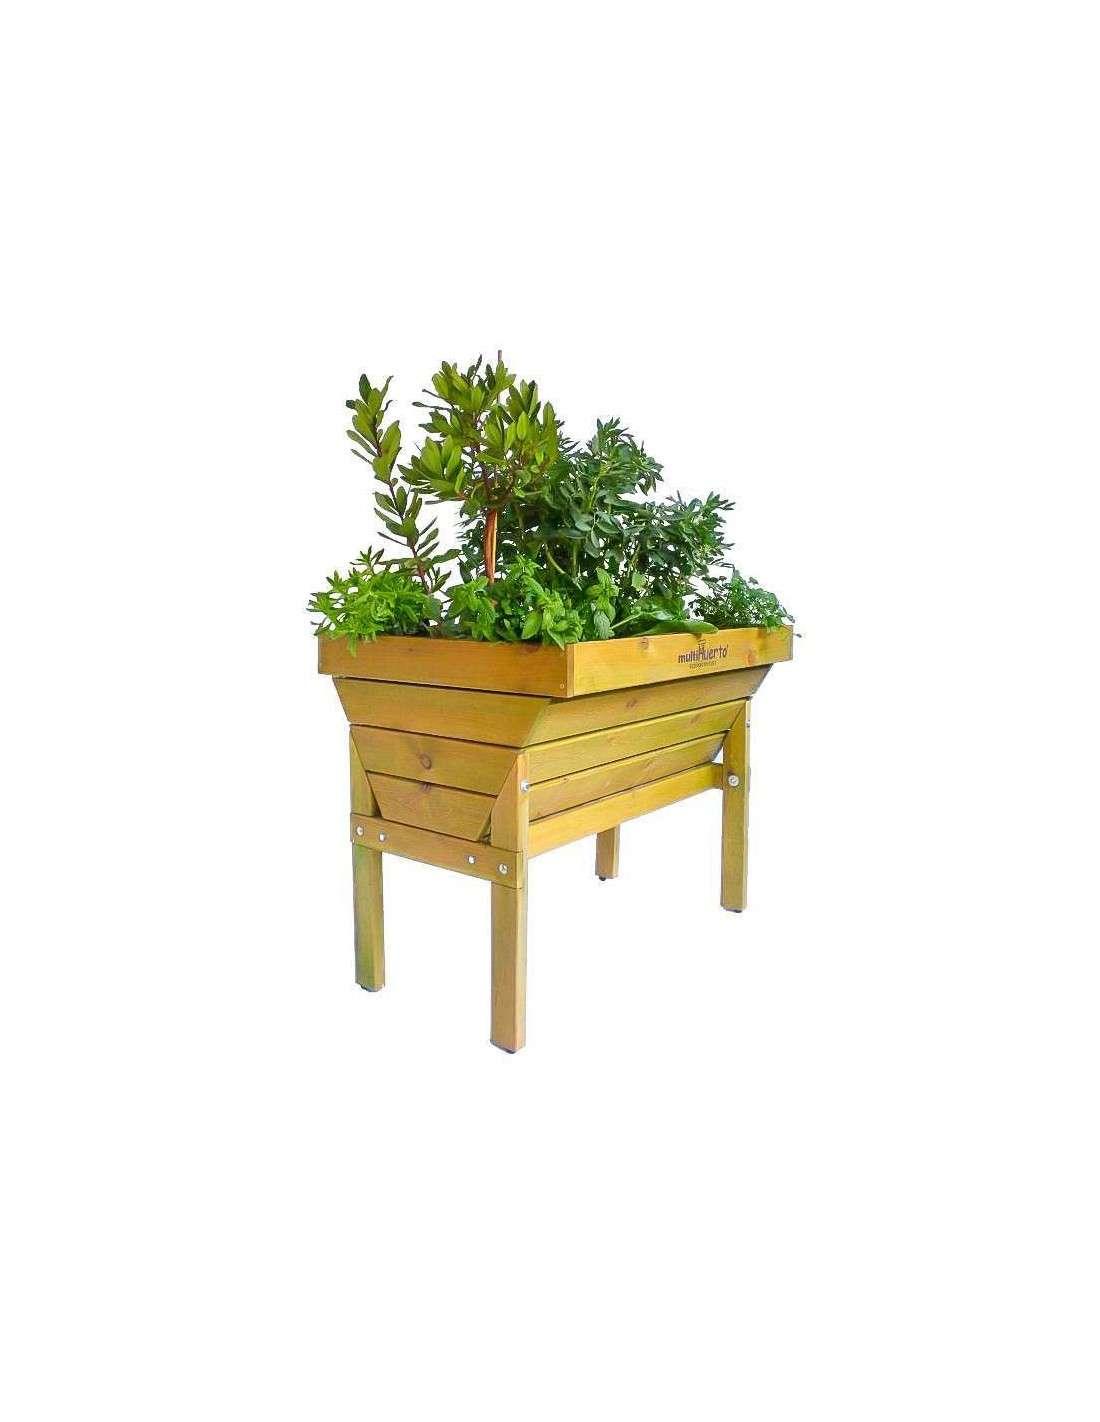 mesa de cultivo multihuerto 100x70x80cm cocopot huerto urbano